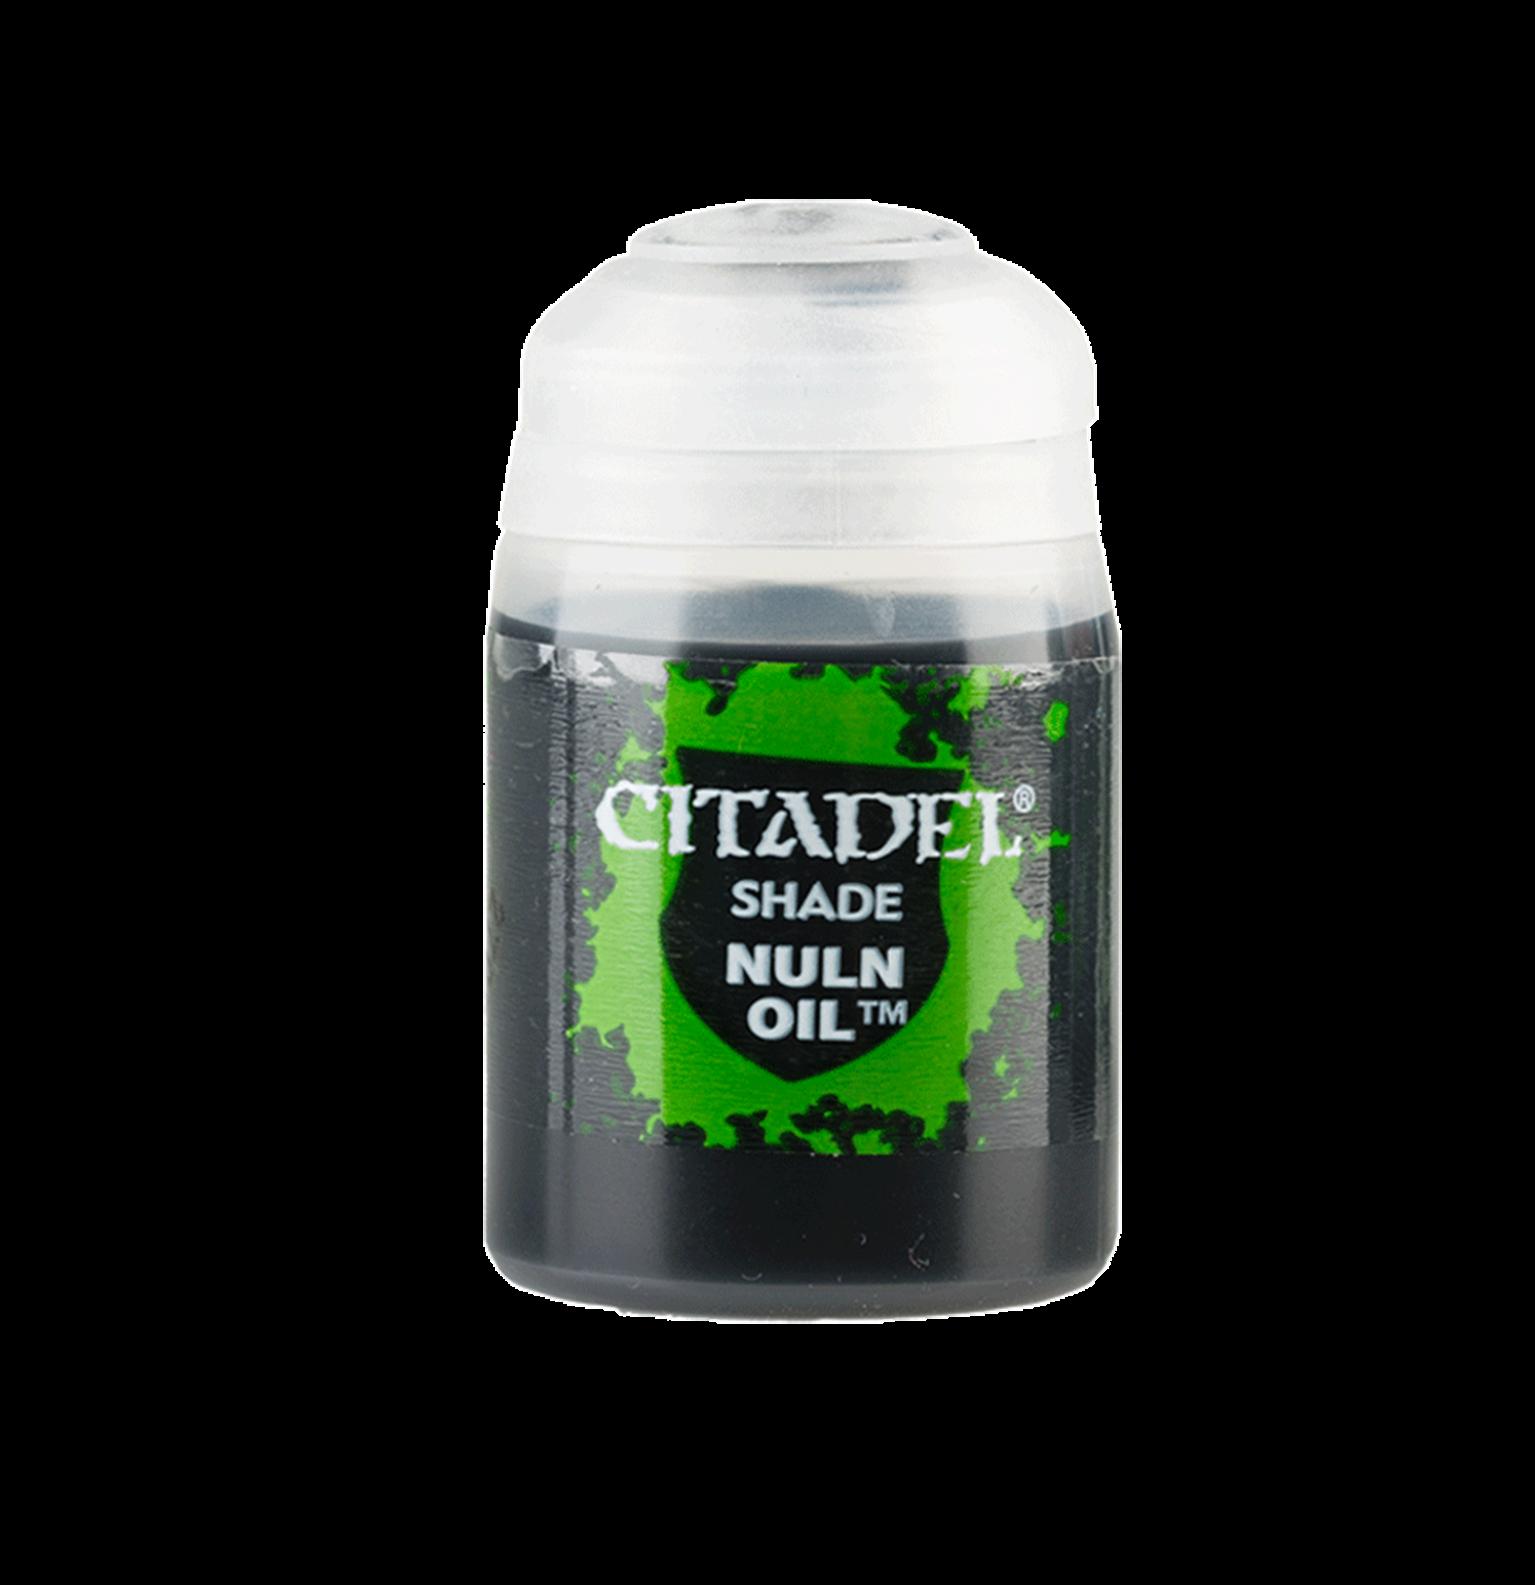 Citadel Shade Nuln Oil Paint Pot